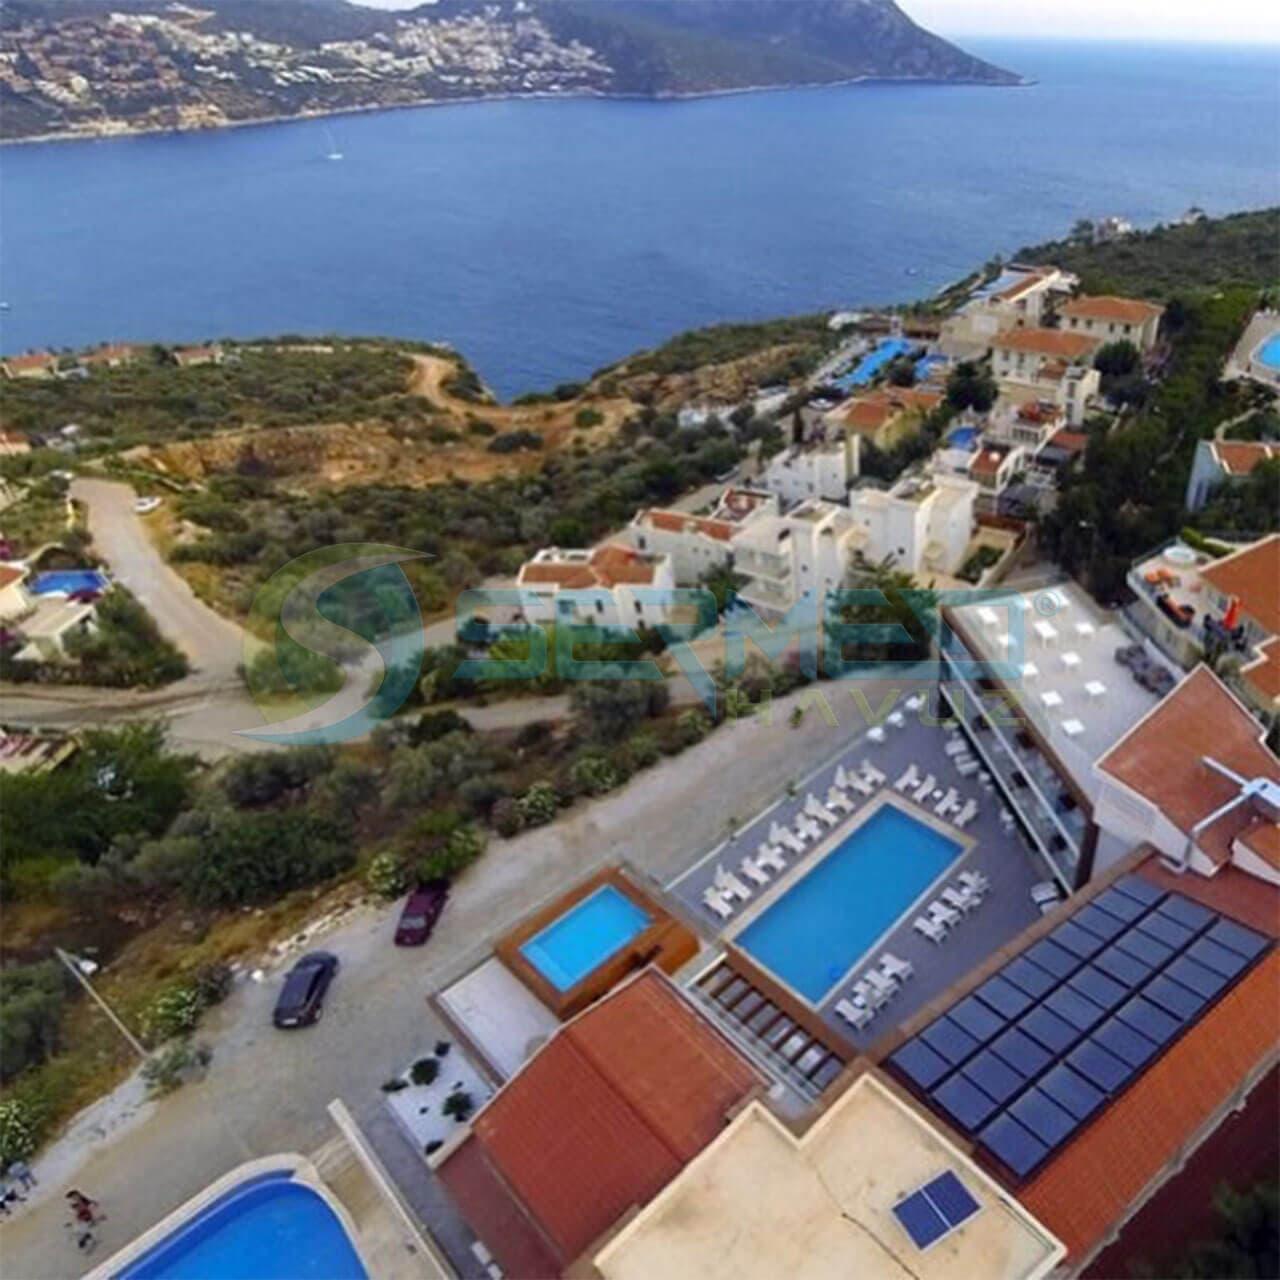 İzmir Fipool Zeminüstü Panel Havuz Sermed Havuz Firması tarafından yapıldı.